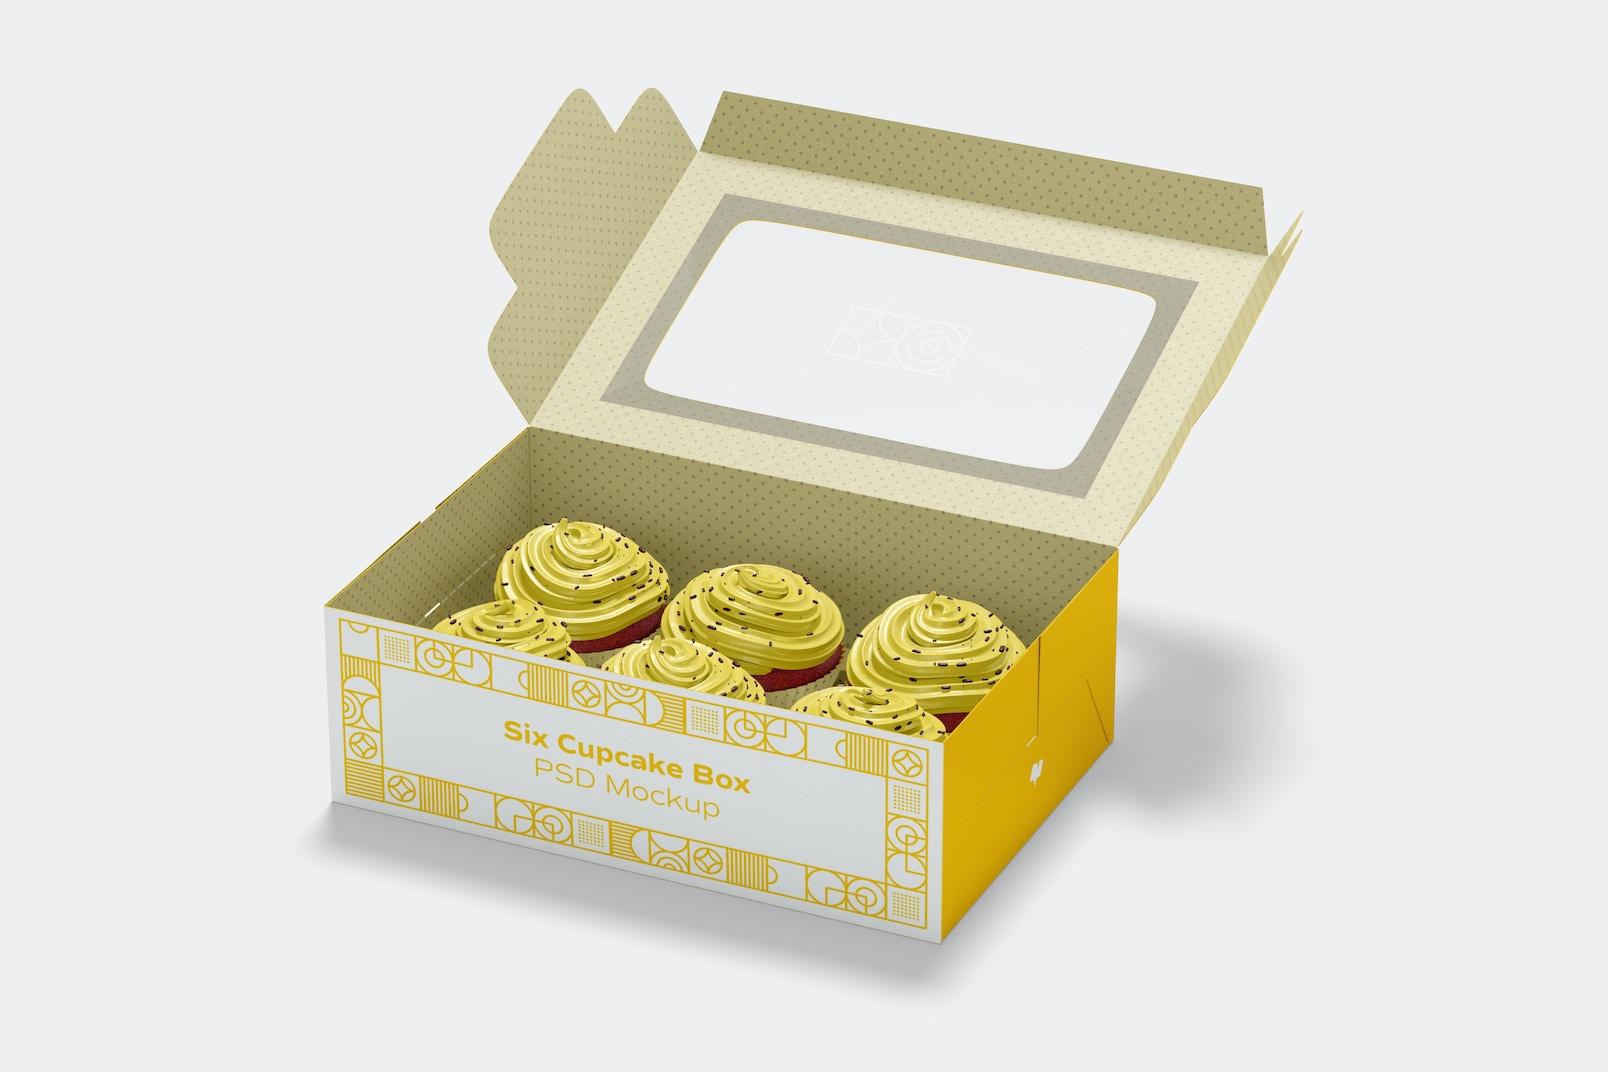 Six Cupcake Box Mockup, Opened